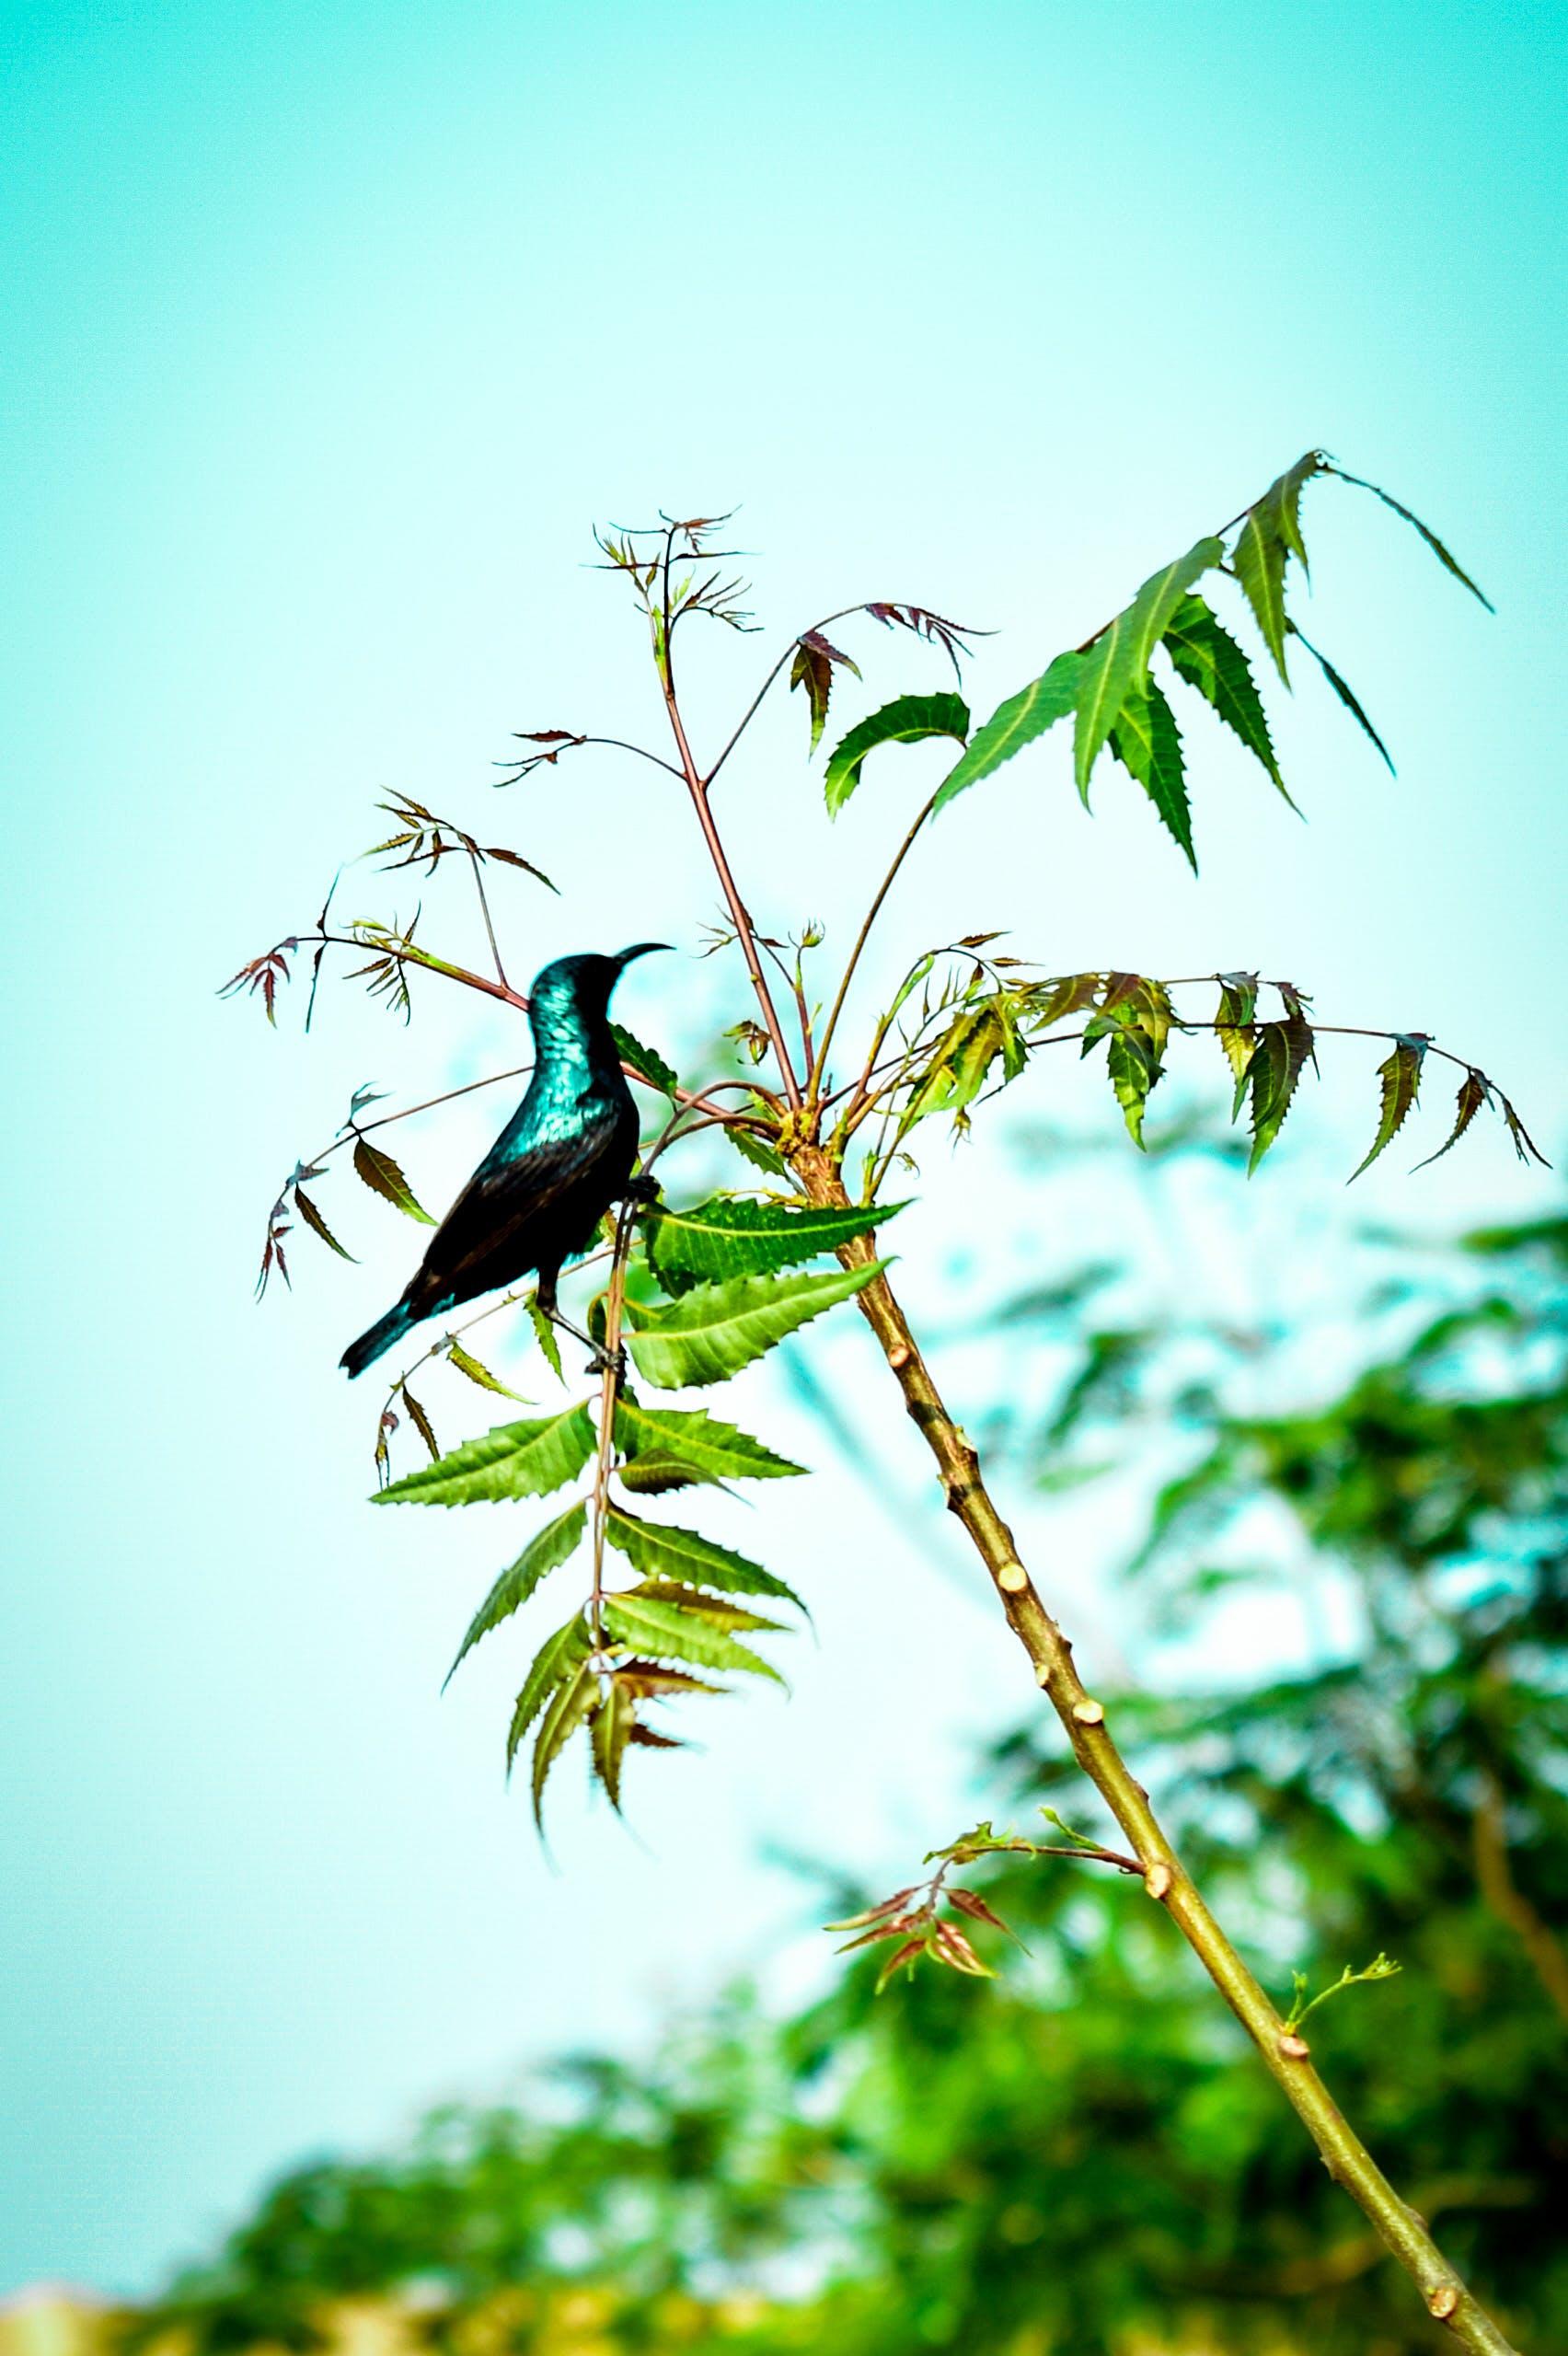 Δωρεάν στοκ φωτογραφιών με #cukoo, #πουλί